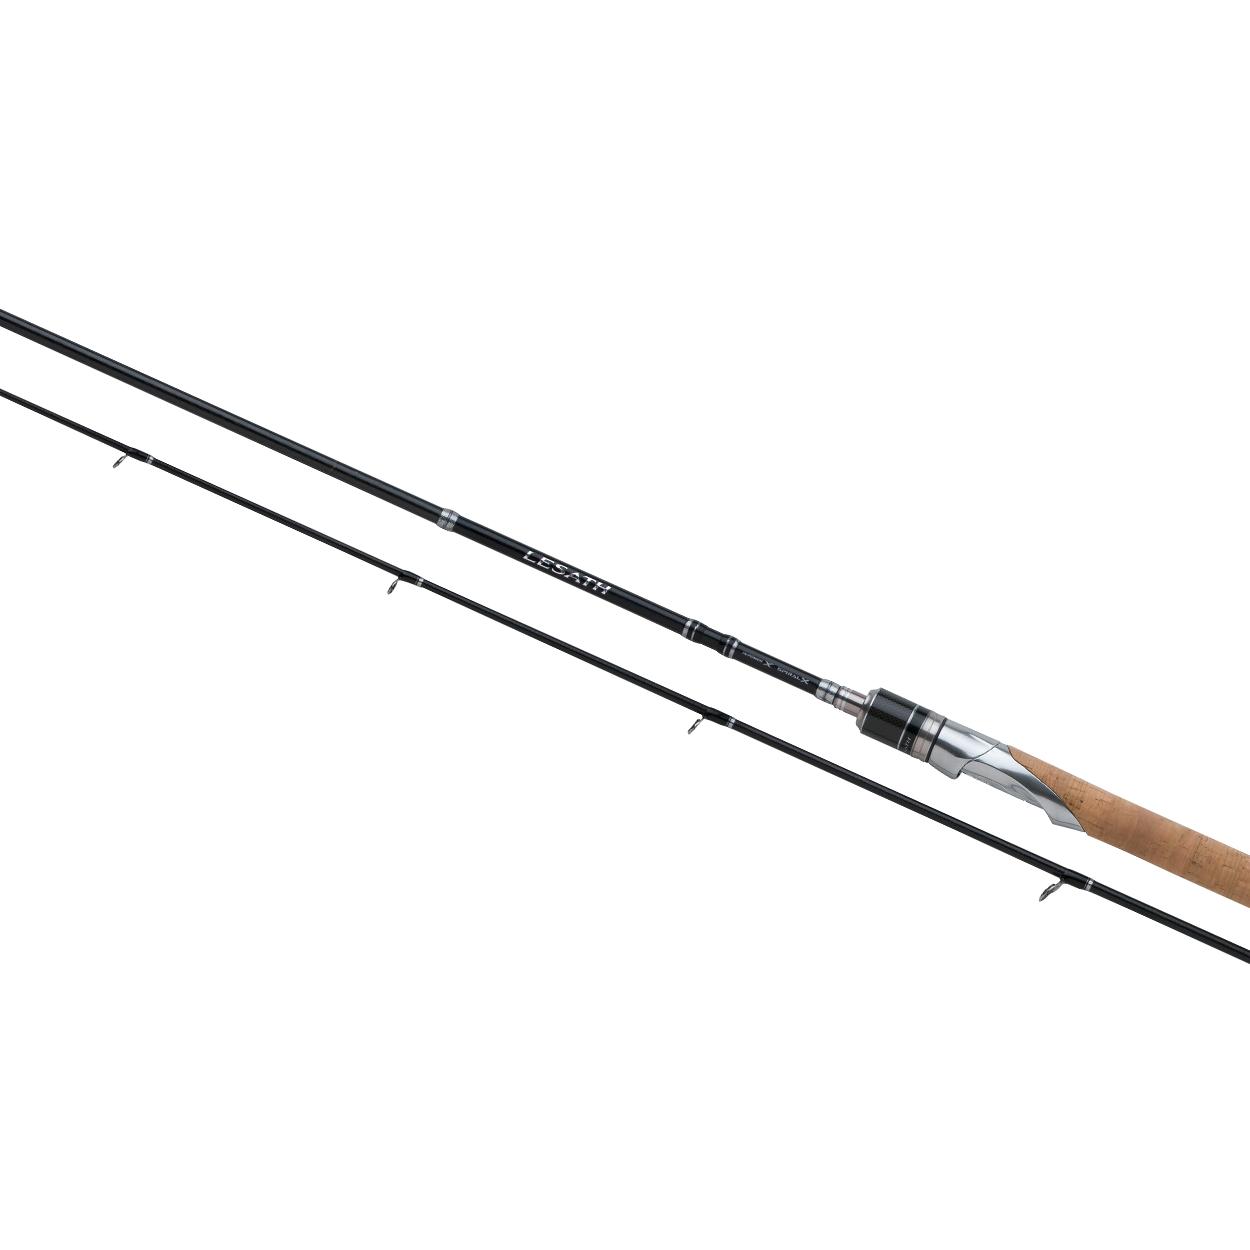 Удилище спиннинговое Shimano LESATH DX SPINNING 240 MH (+ Леска в подарок!)